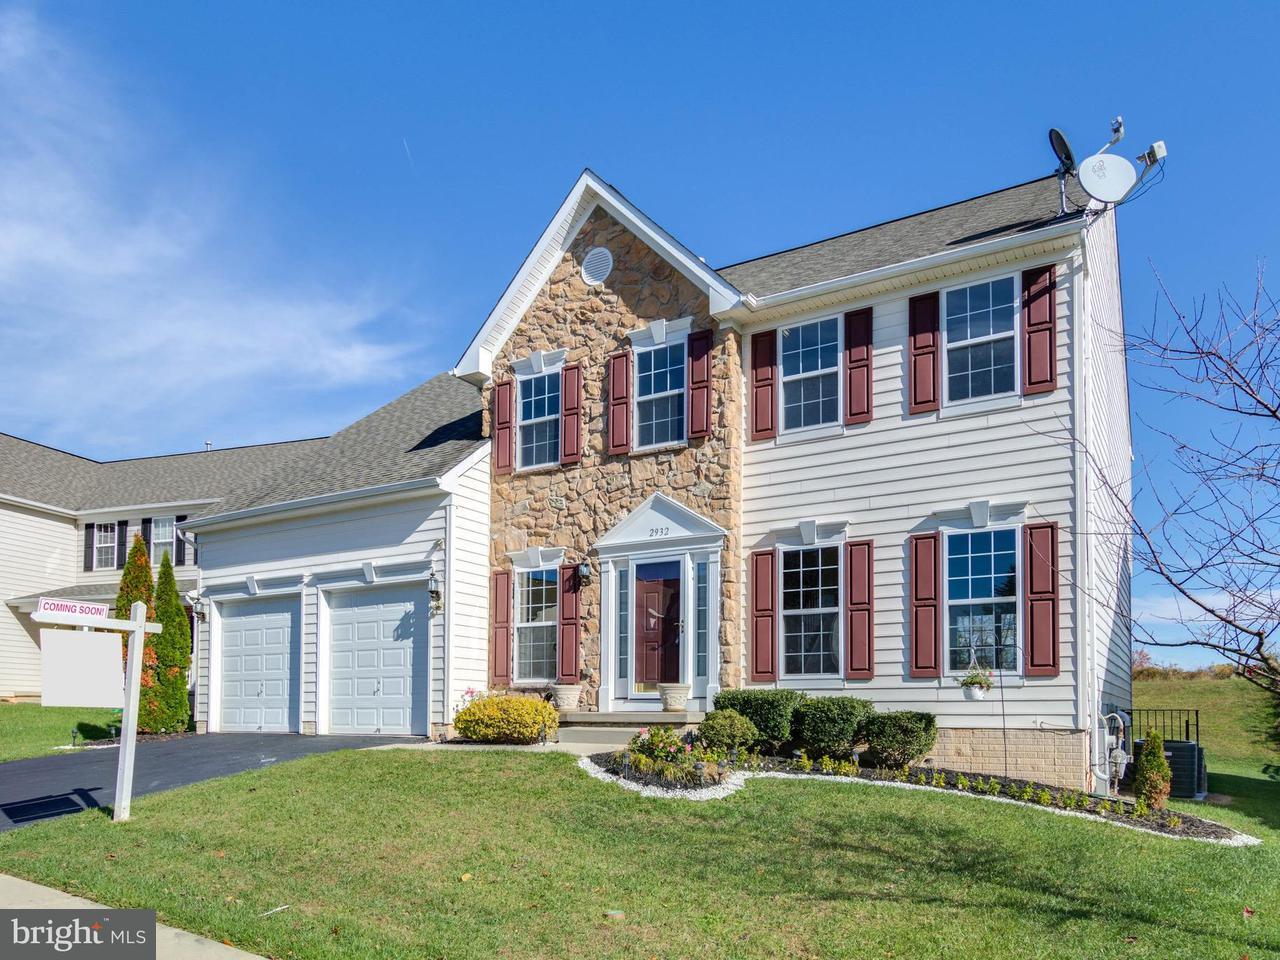 Maison unifamiliale pour l Vente à 2932 AIRDRIE Avenue 2932 AIRDRIE Avenue Abingdon, Maryland 21009 États-Unis